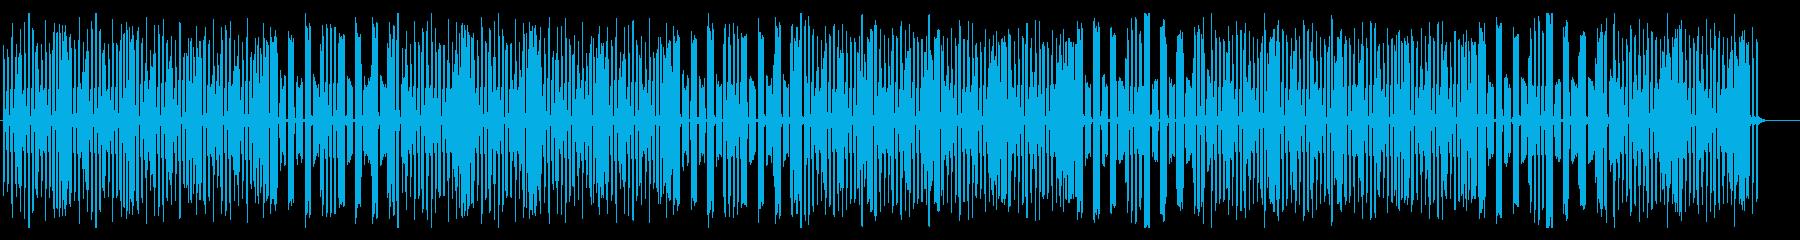 ほのぼの・呑気で少し不思議なリコーダ曲の再生済みの波形